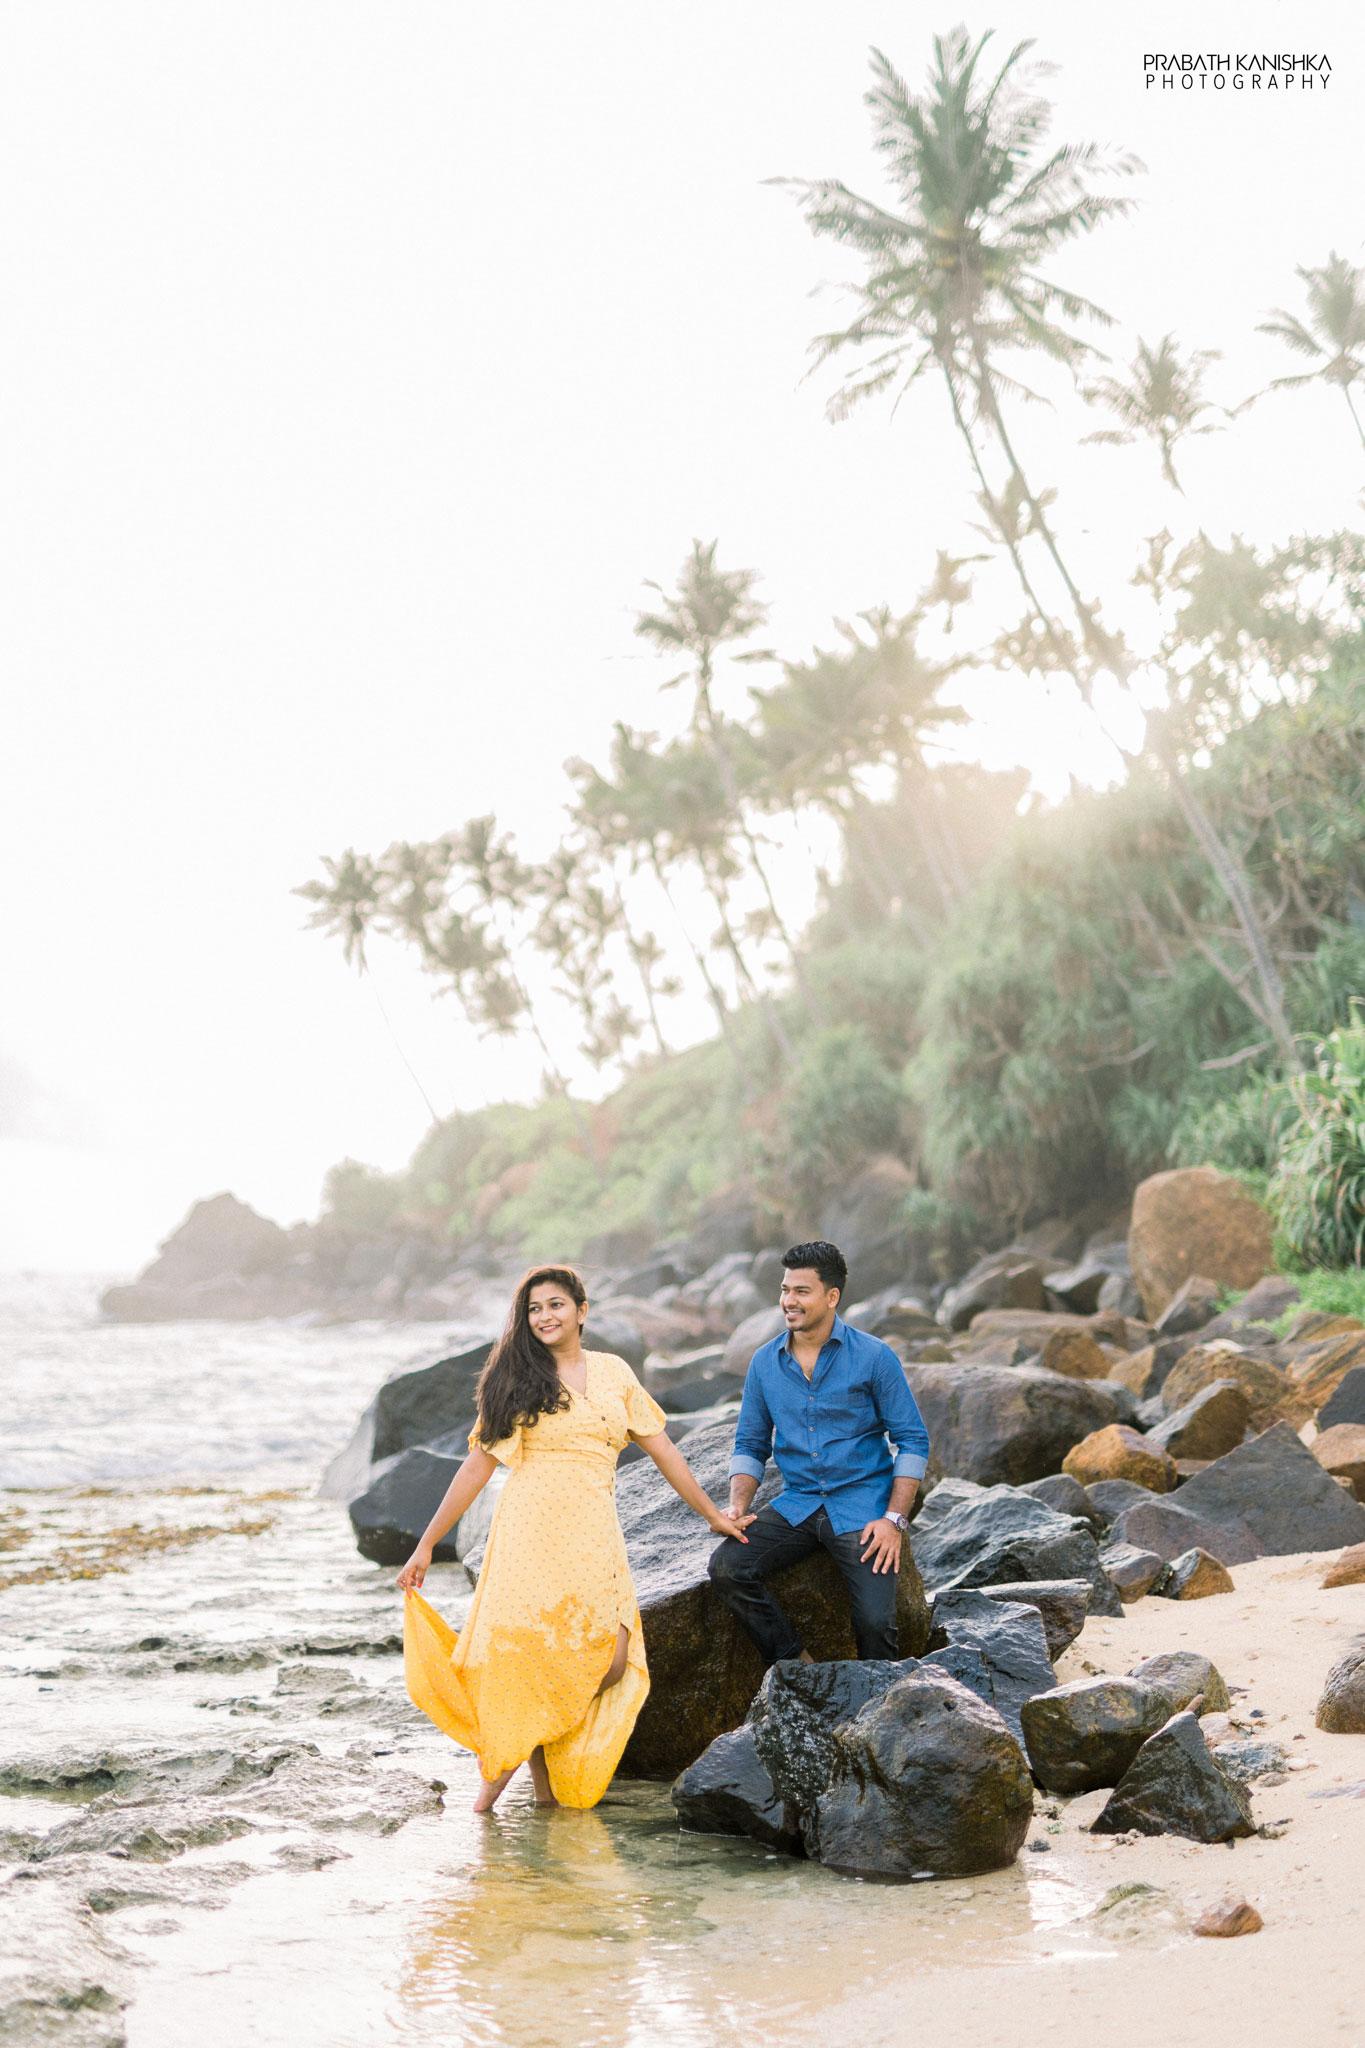 Samara & Shehan - Prabath Kanishka Wedding Photography